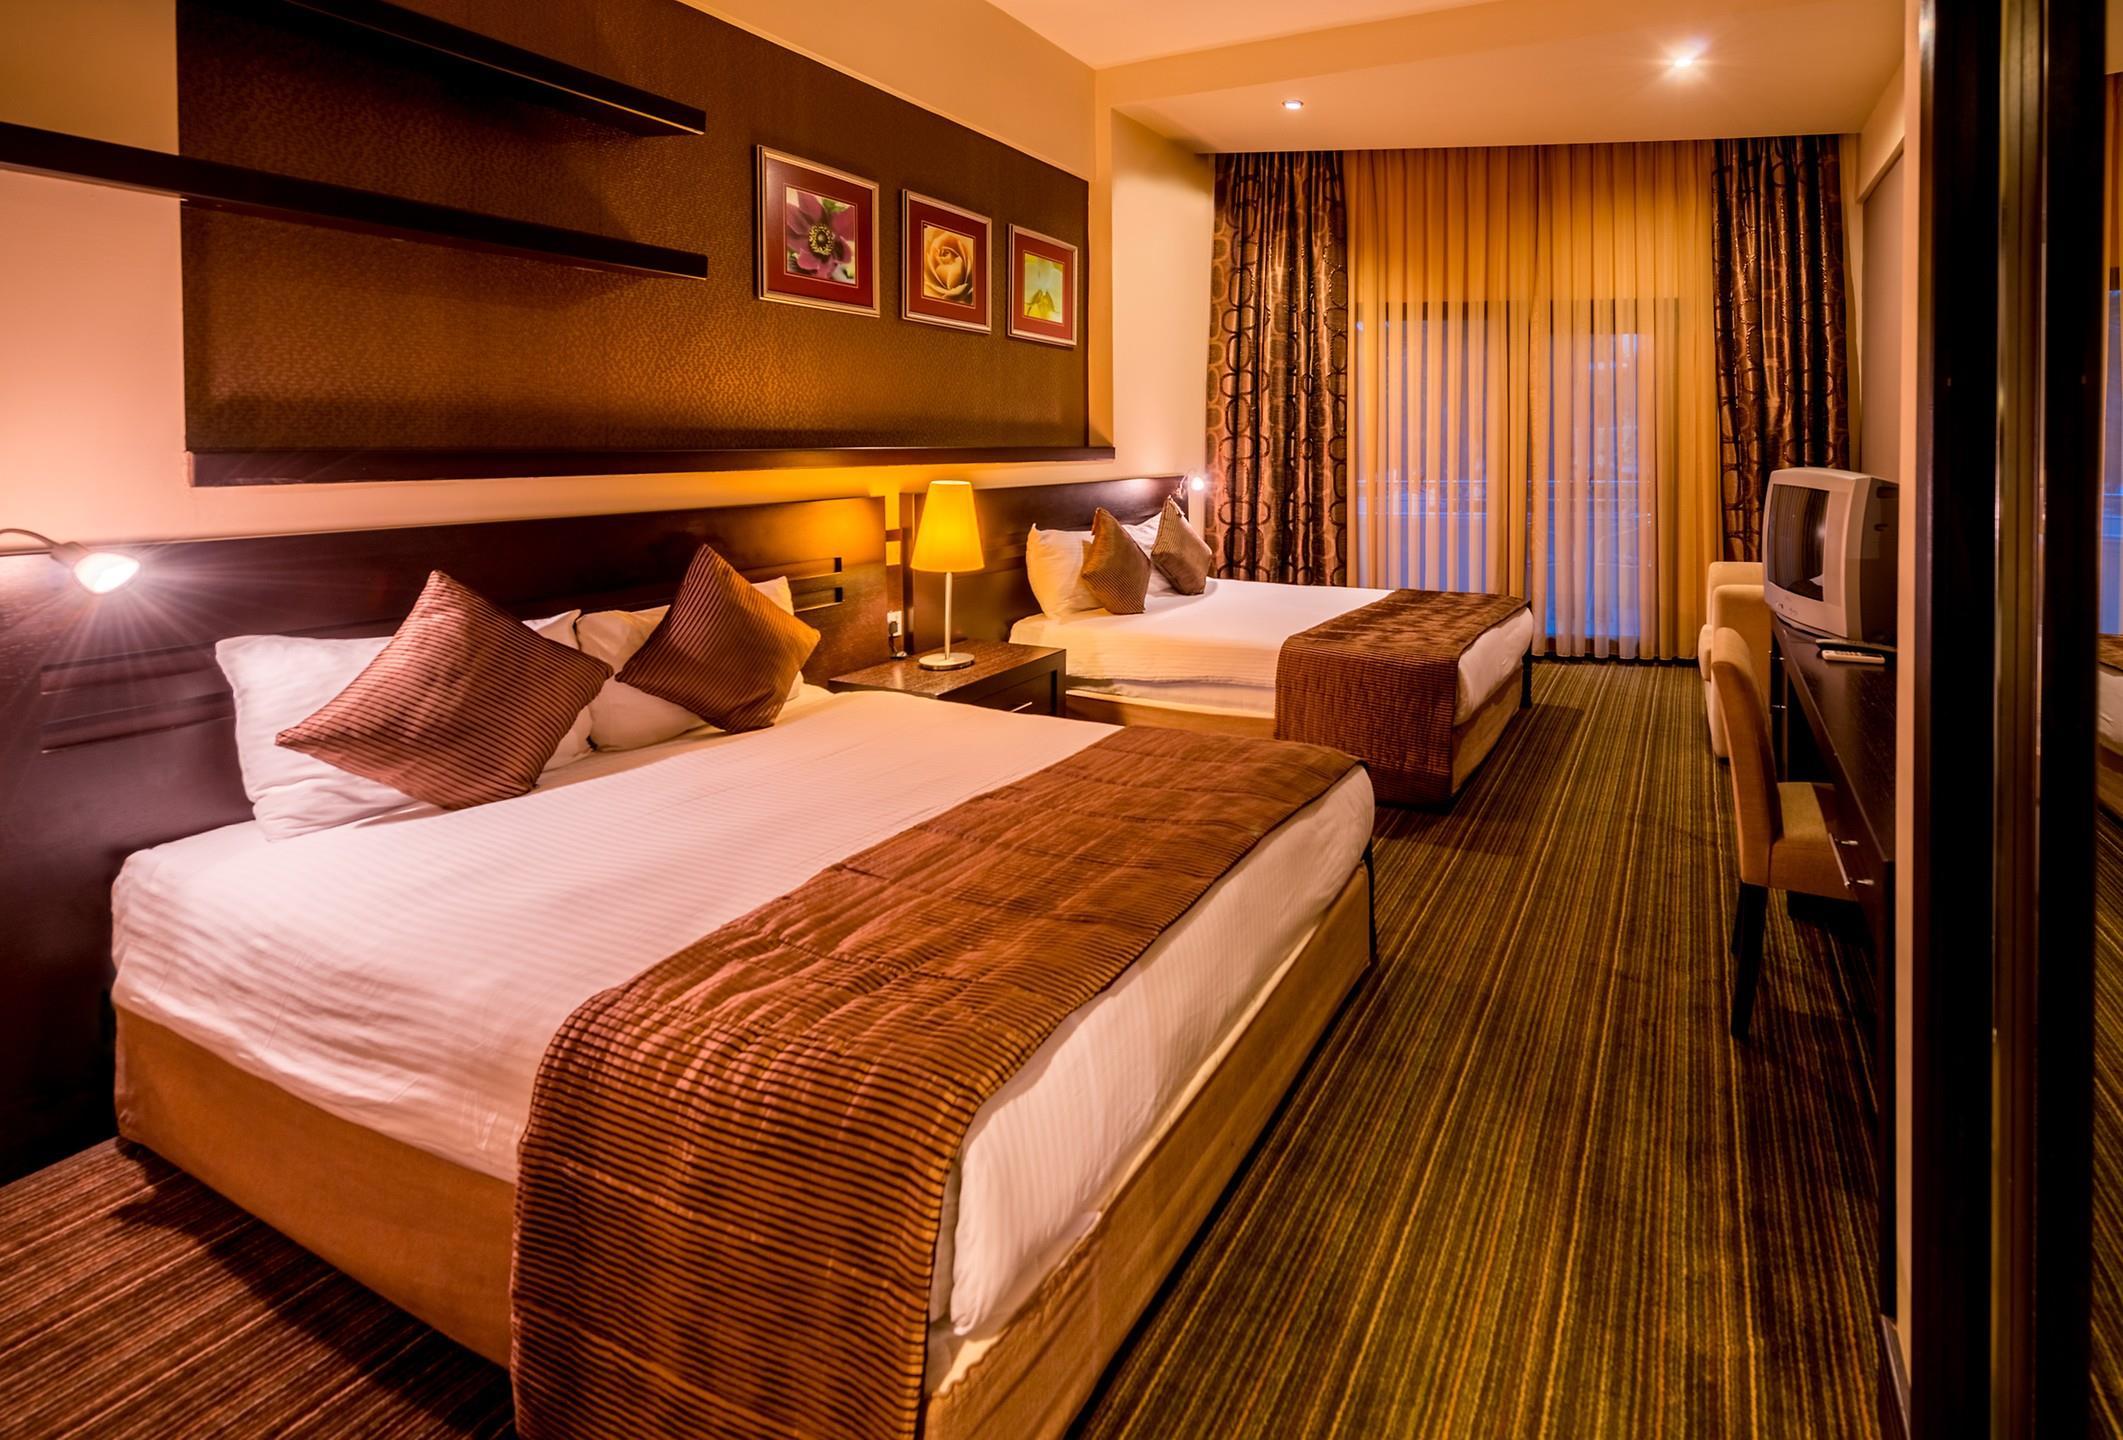 Vuni Palace Hotel205198